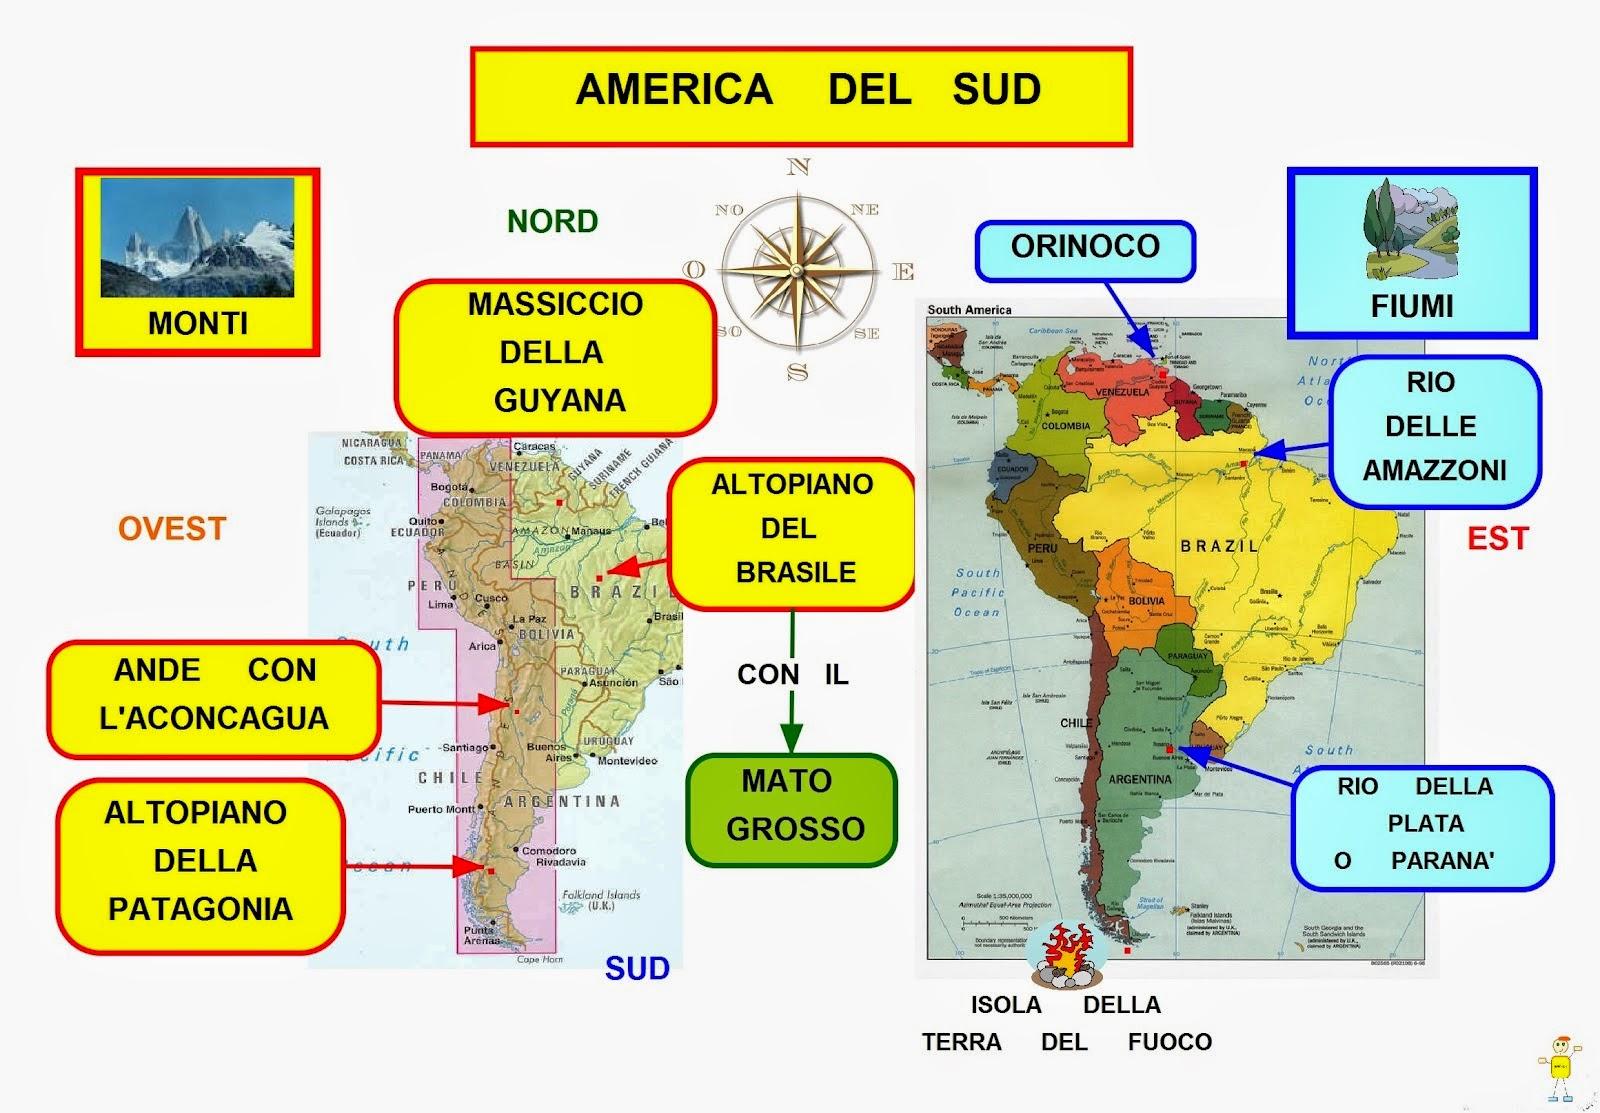 Cartina Geografica Dell America Del Sud.Mappa Concettuale America Del Sud Monti E Fiumi Scuolissima Com